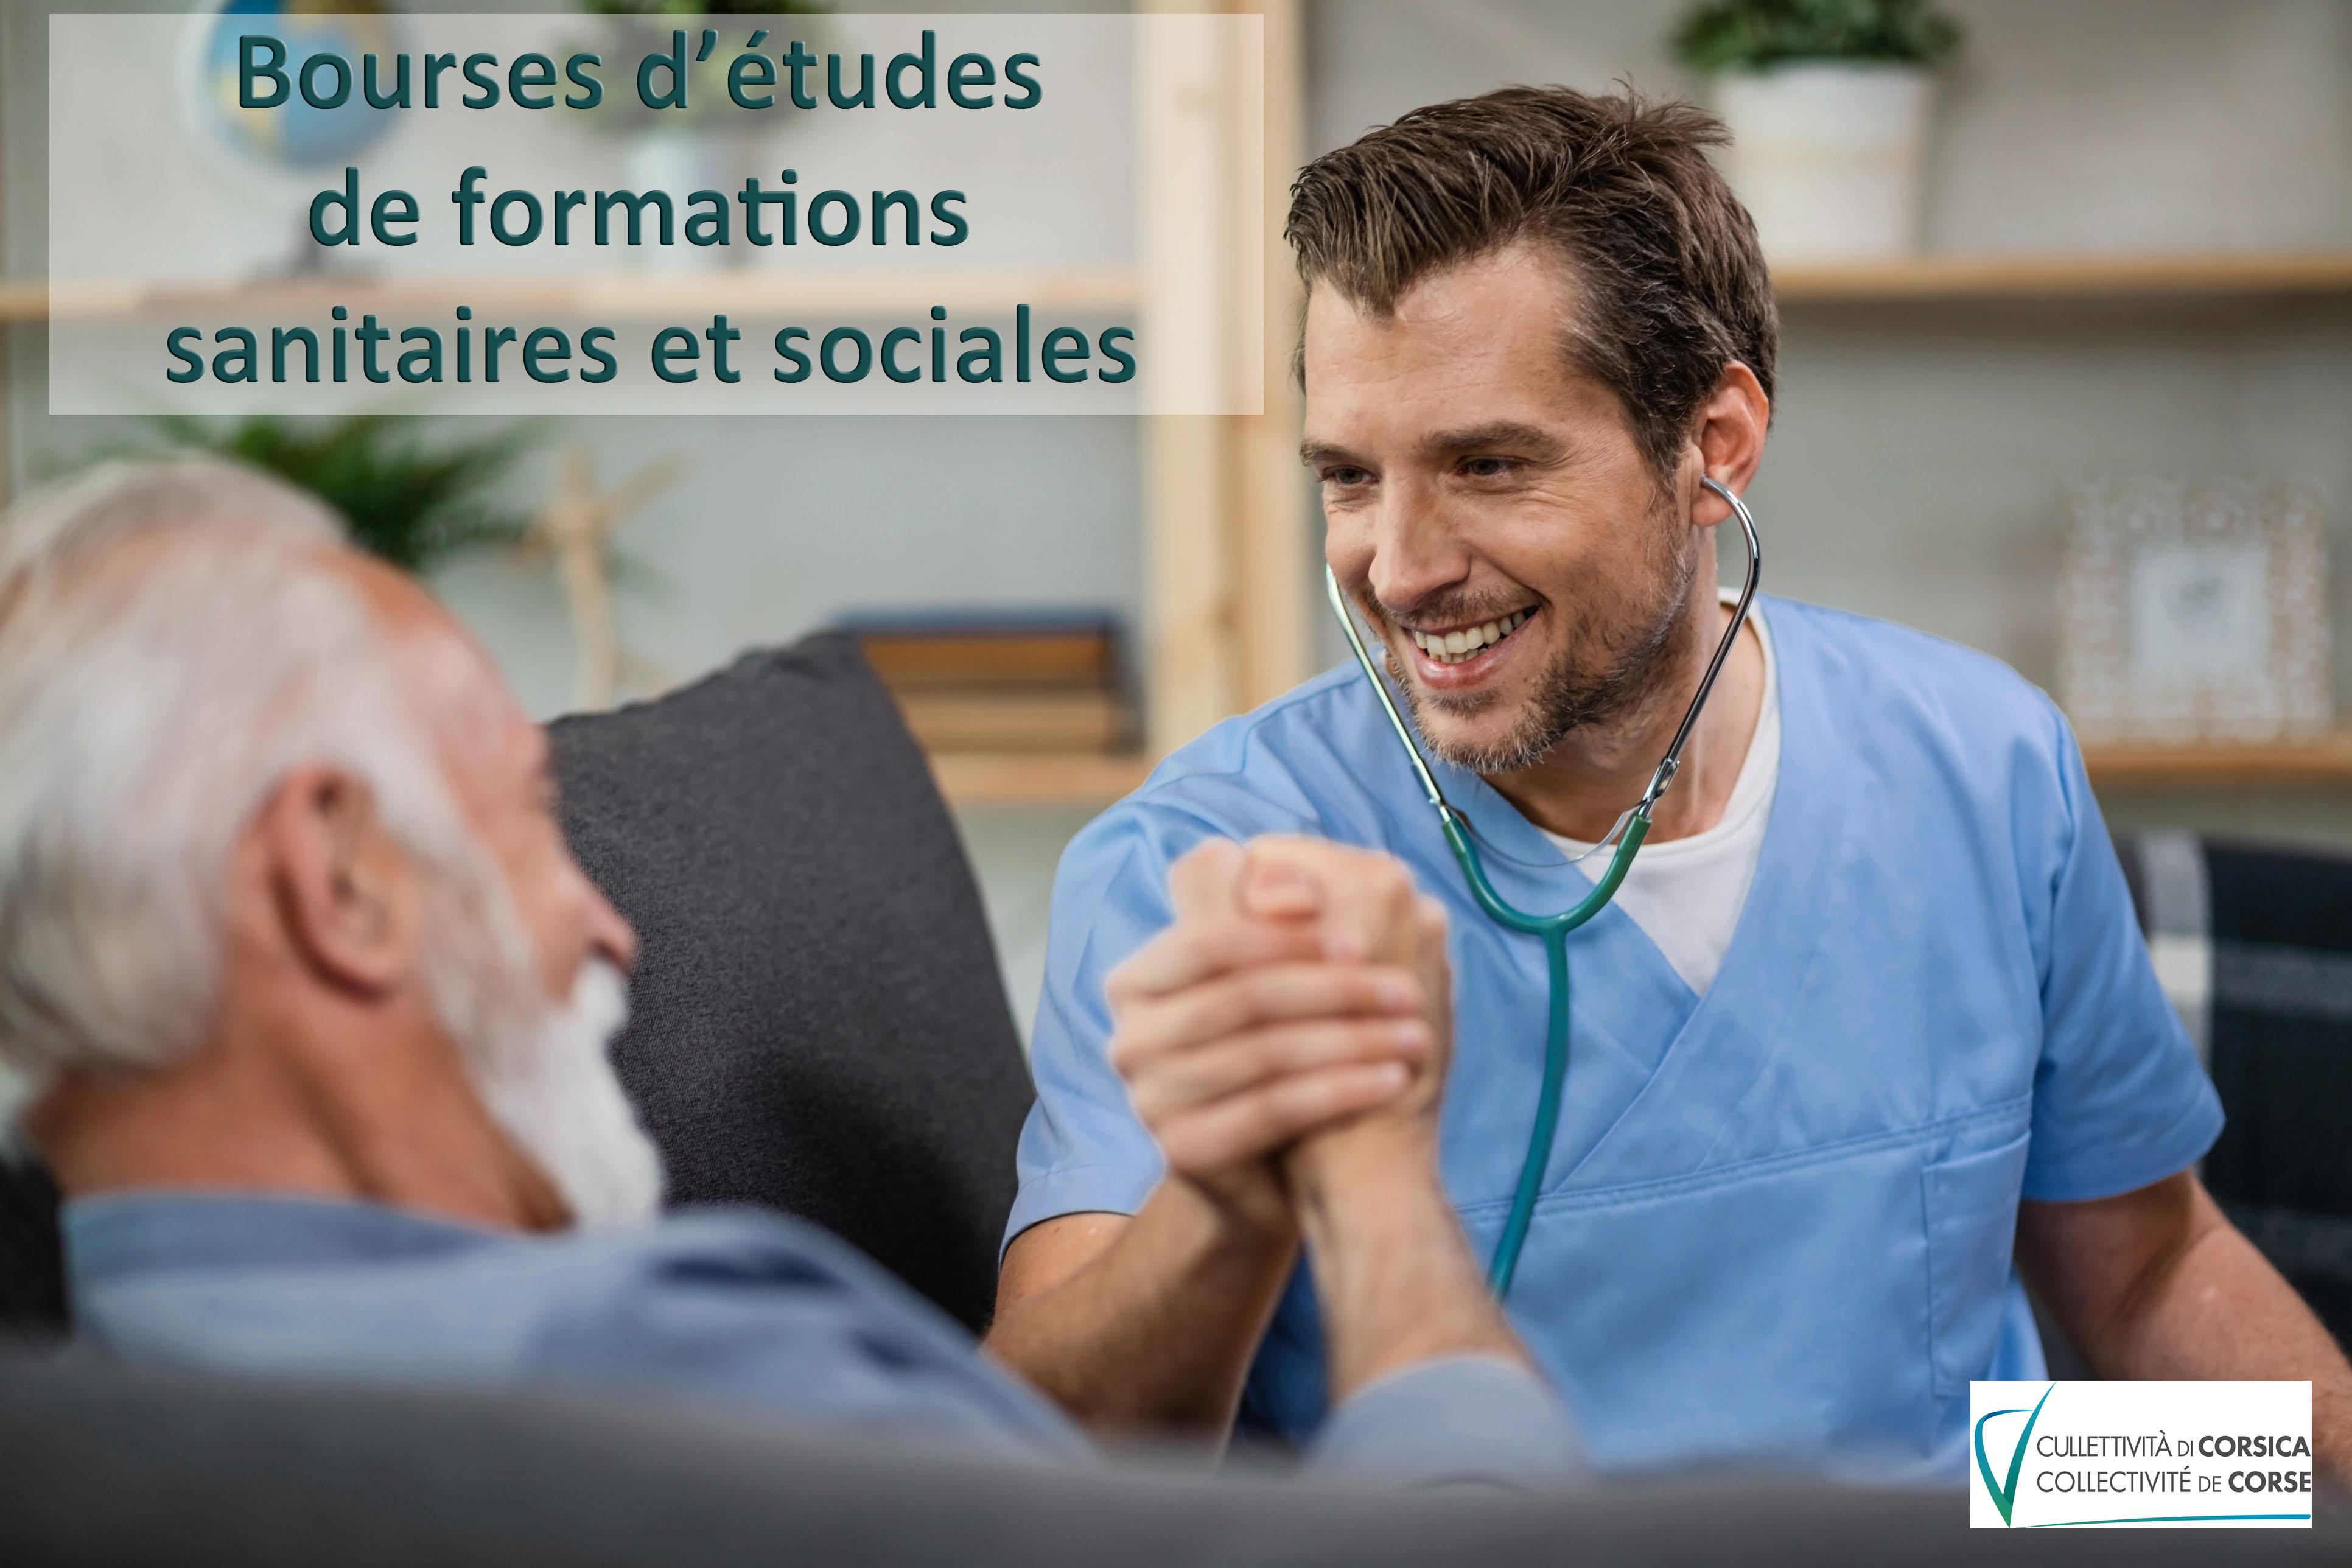 Bourses d'études de formations sanitaires et sociales